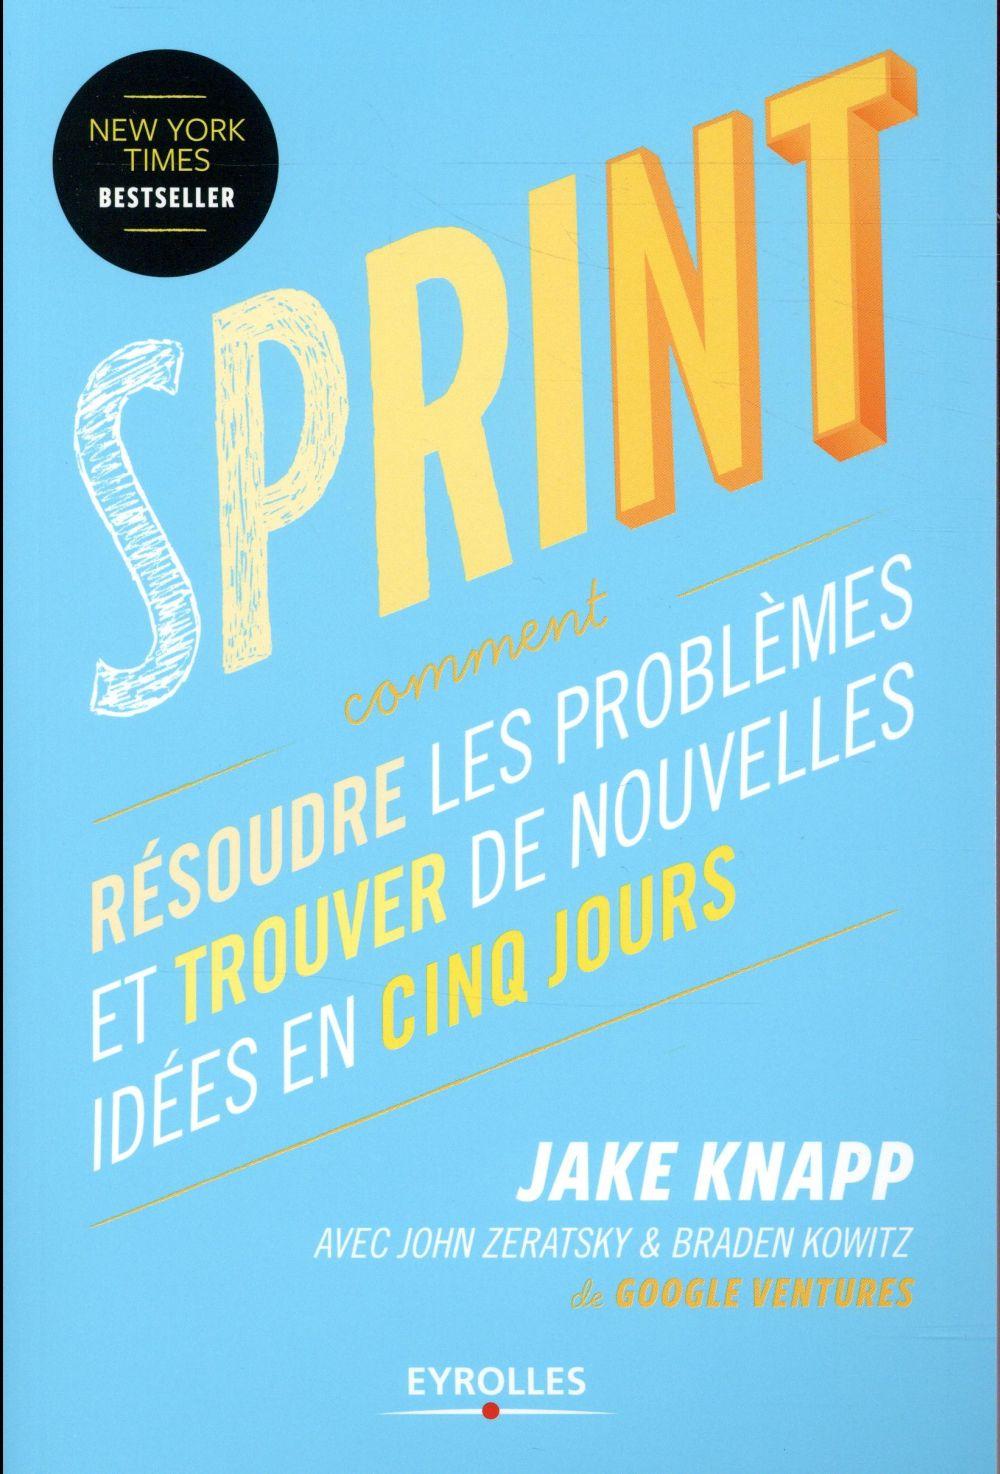 Sprint ; résoudre les problèmes et trouver de nouvelles idées en cinq jours